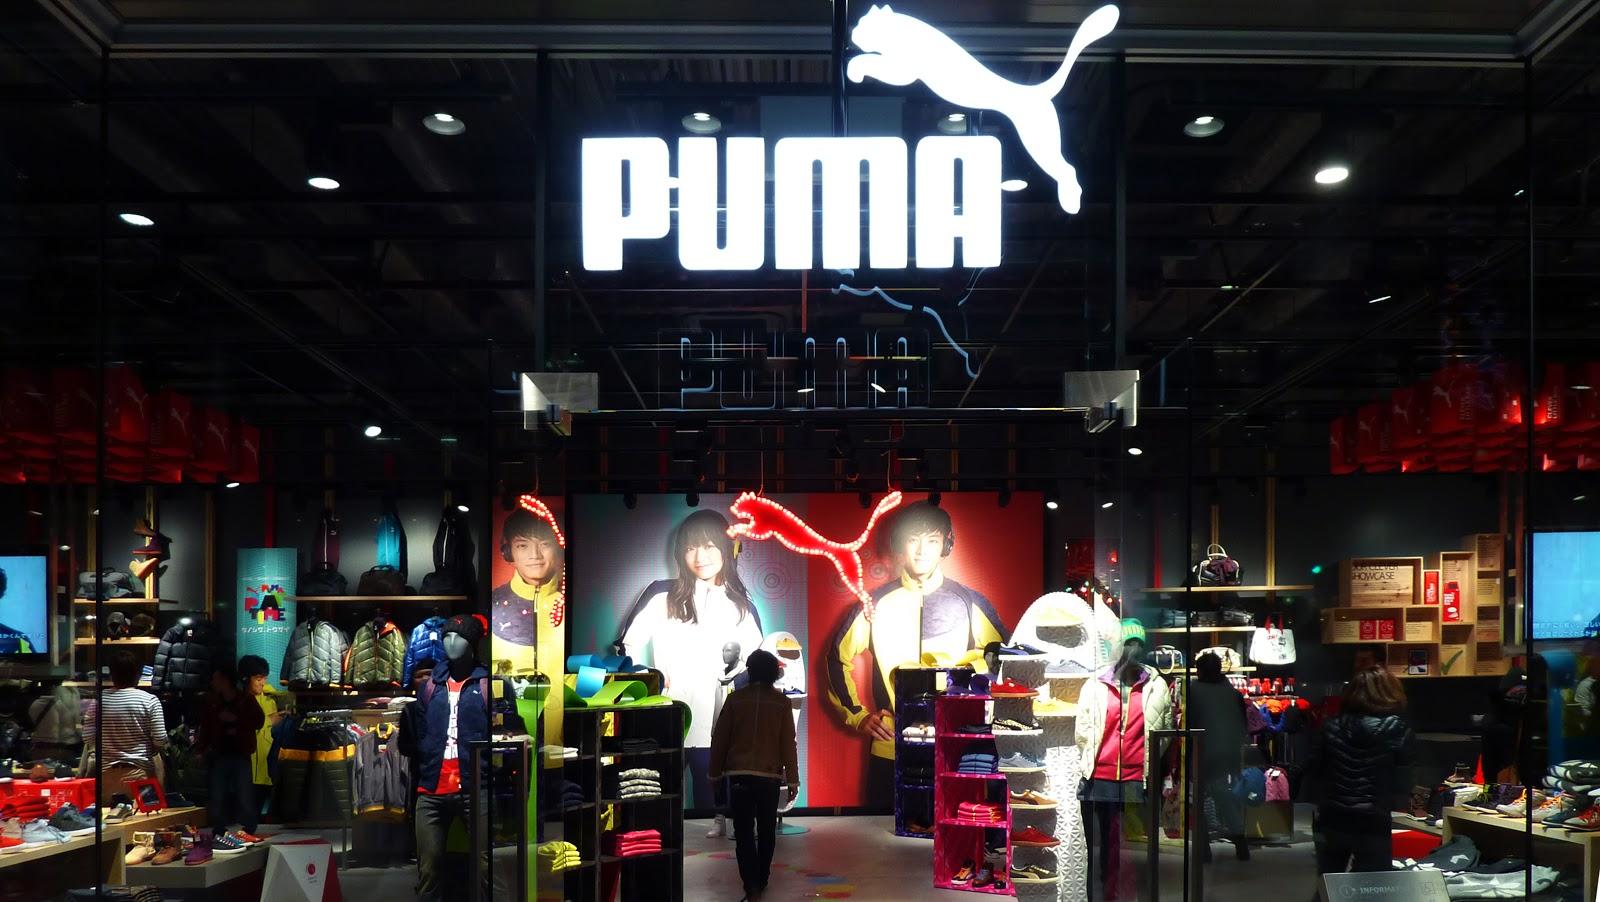 puma - Perú: Puma abrirá nueva tienda en Jockey Plaza en marzo de este año